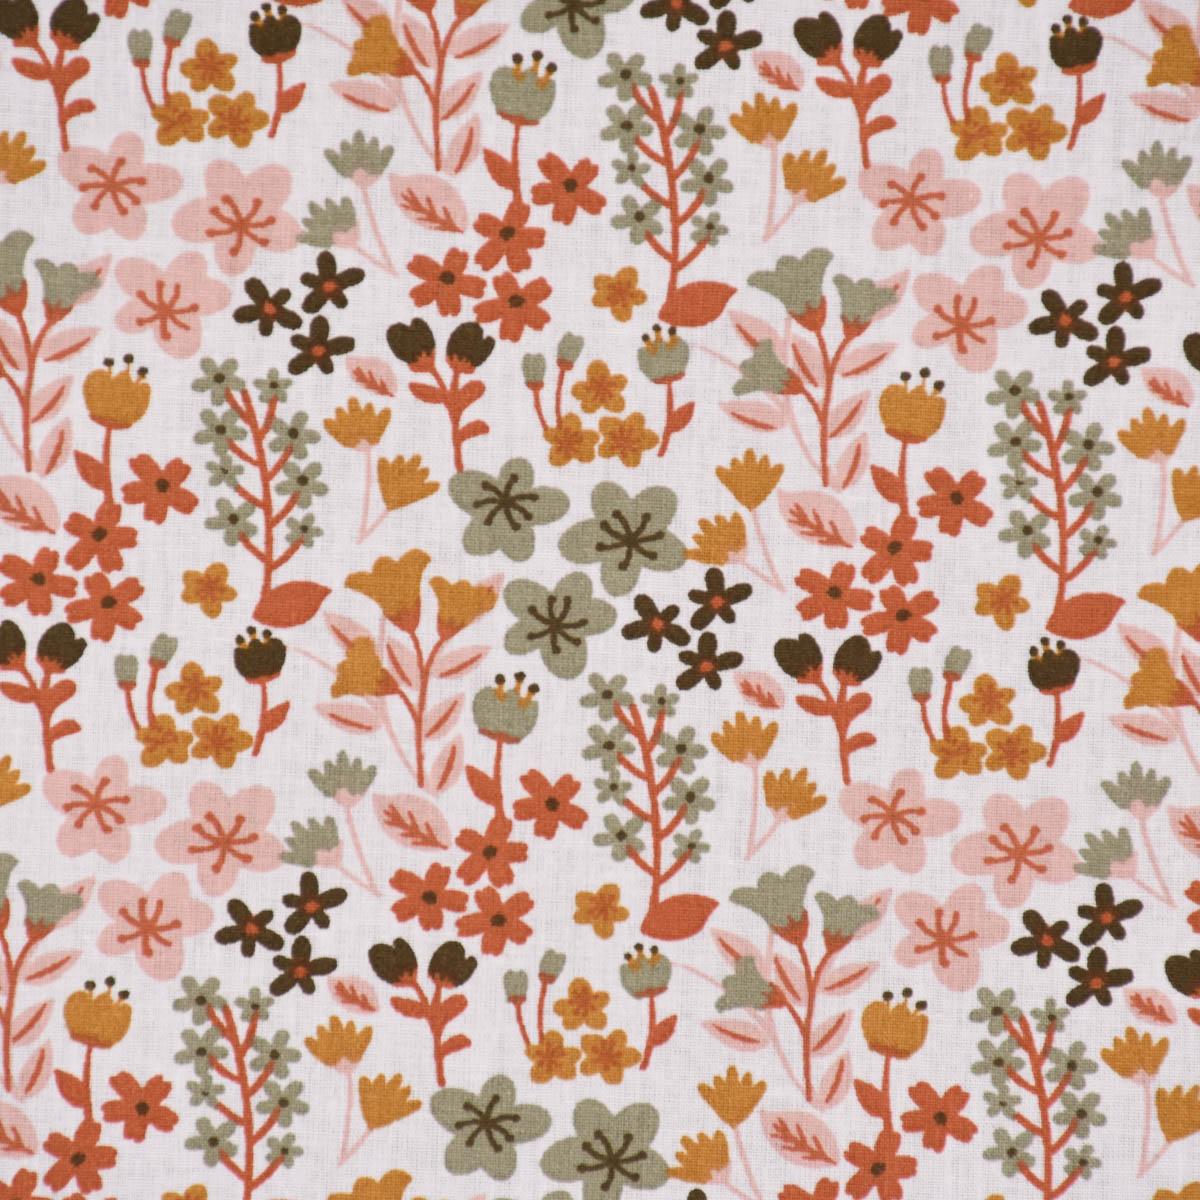 Baumwollstoff MILLY Blumen Sträucher weiß altgrün rosa ocker 1,5m Breite